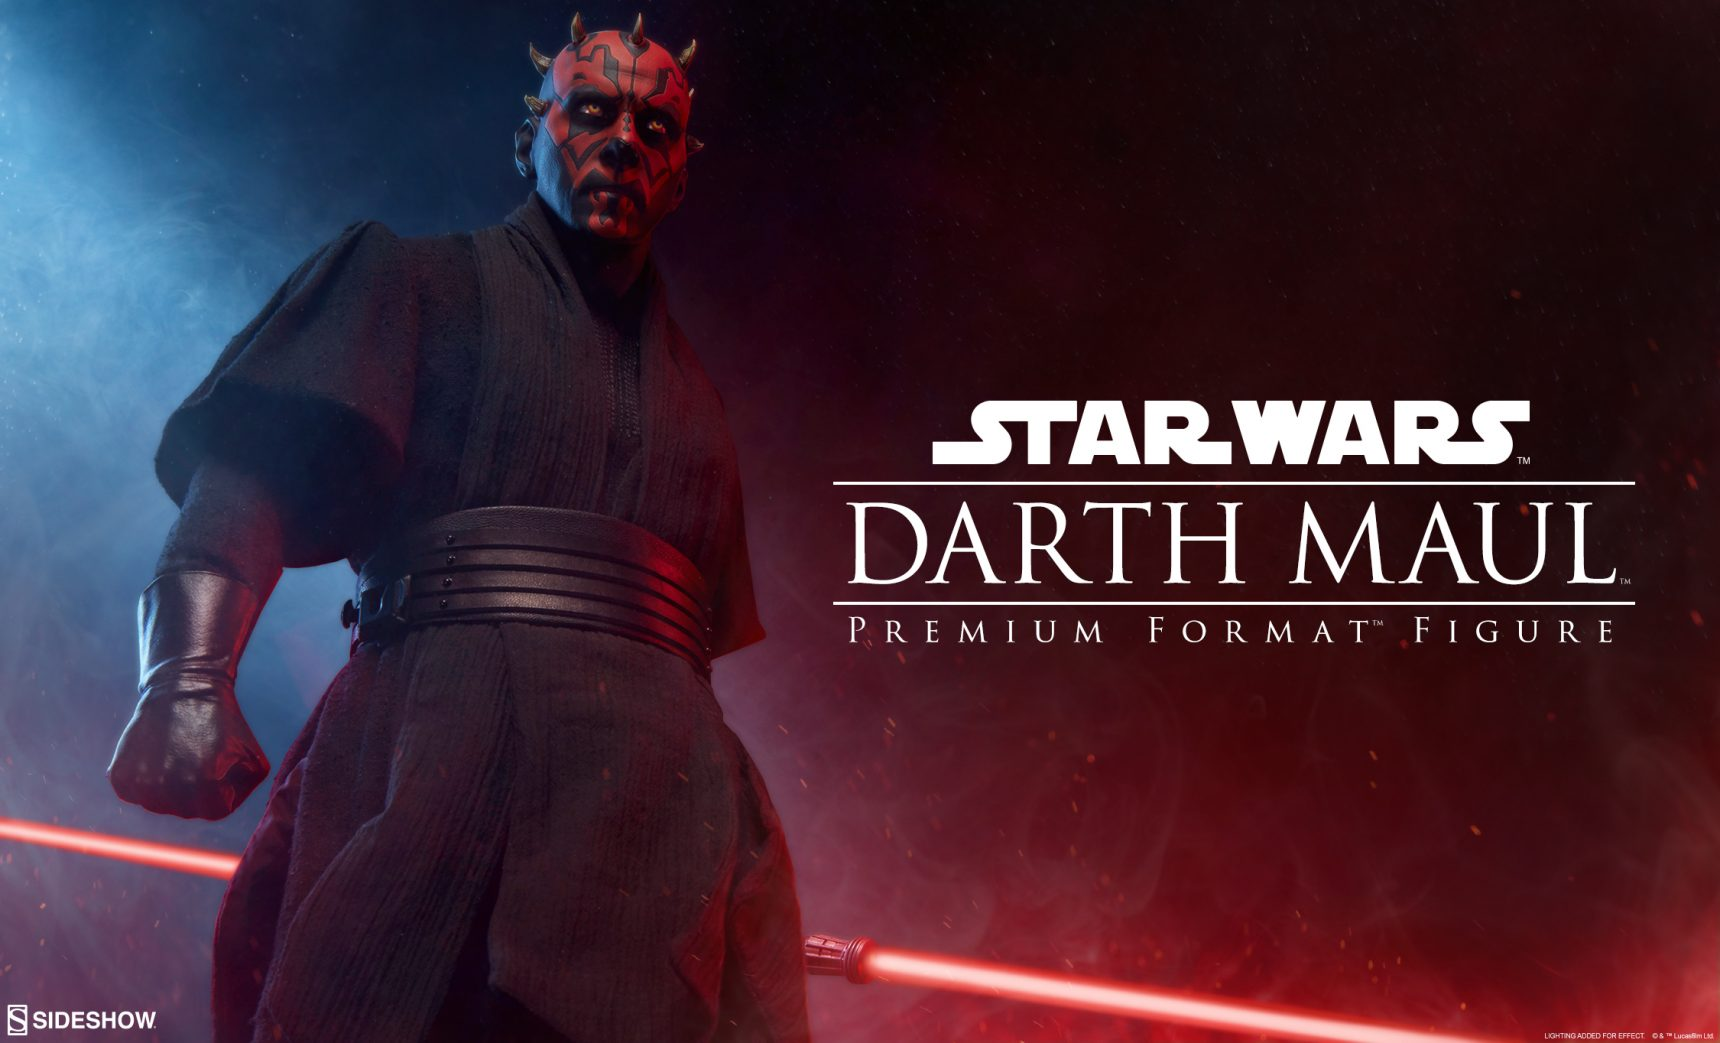 Alle Infos zur neuen Darth Maul Premium Format Figure